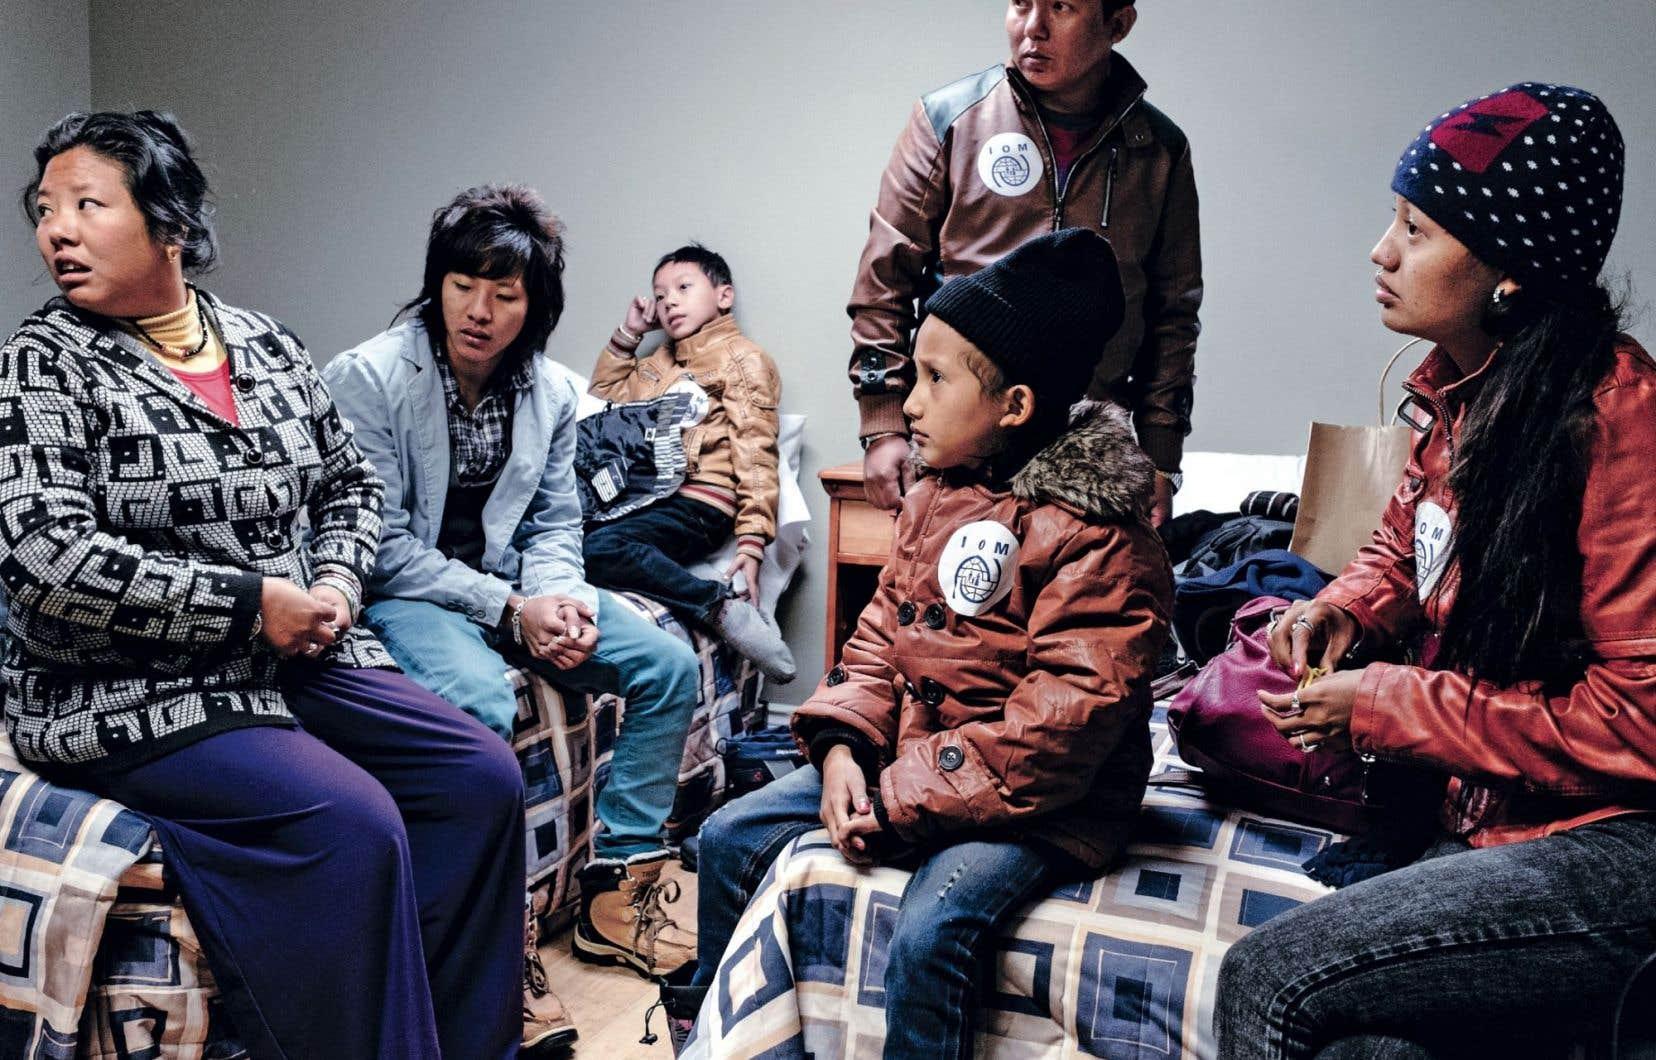 L'an dernier, 10 000 demandeurs d'asile sont venus au Canada.